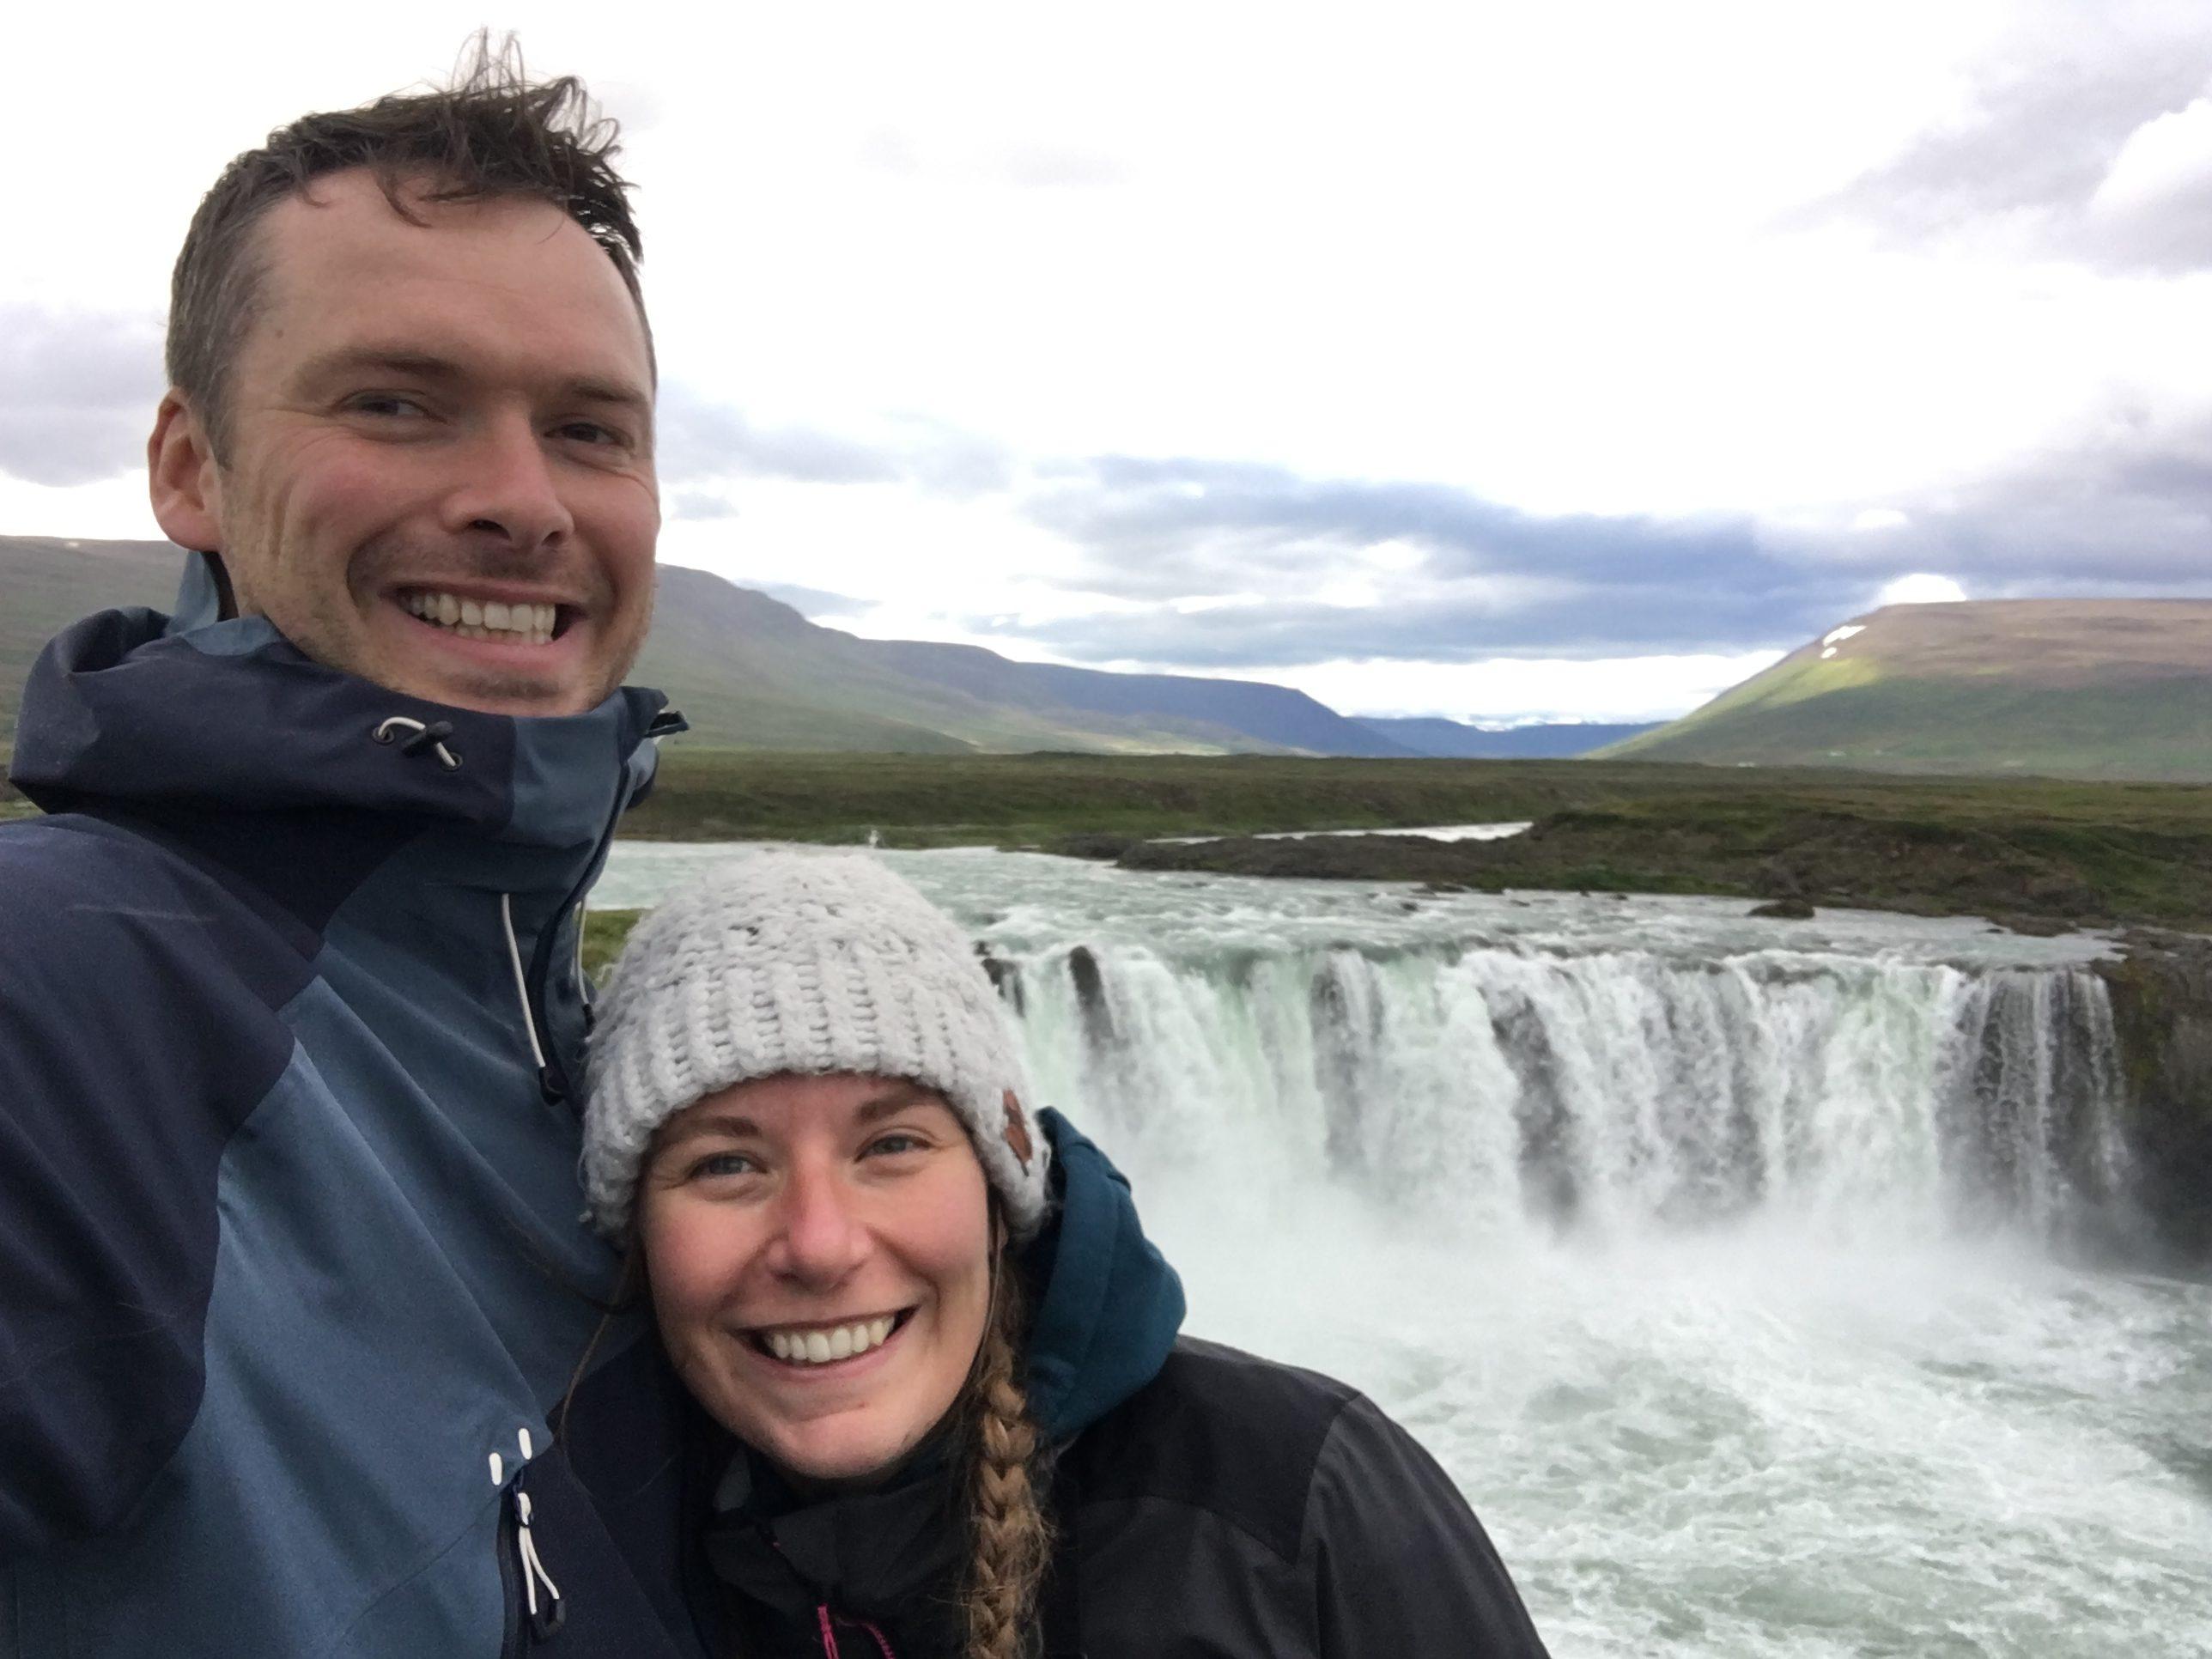 Selfie devant la belle chute de Godafoss, Islande